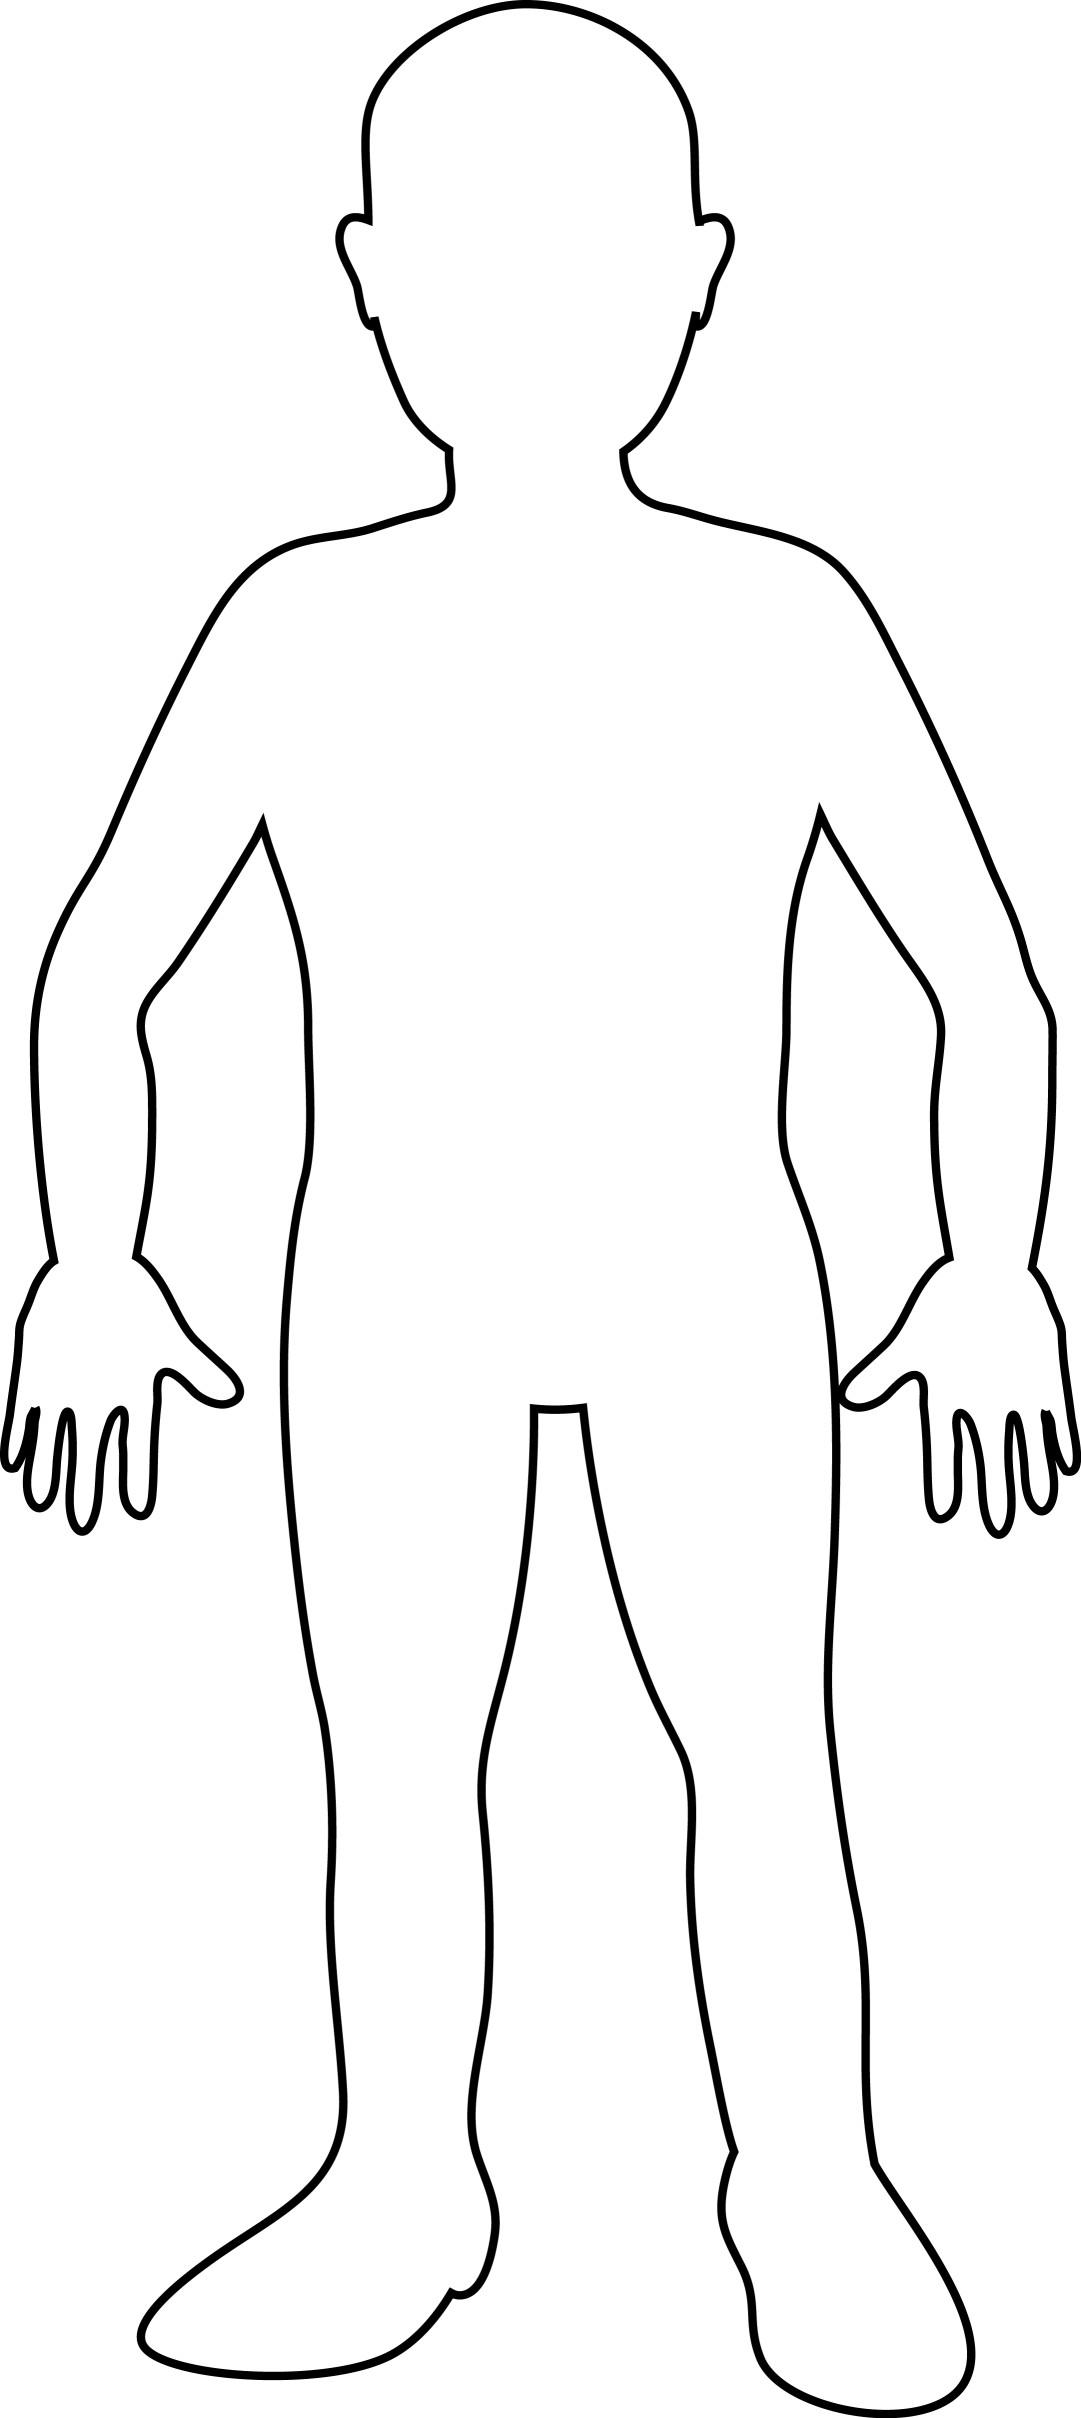 Full body outline clip art